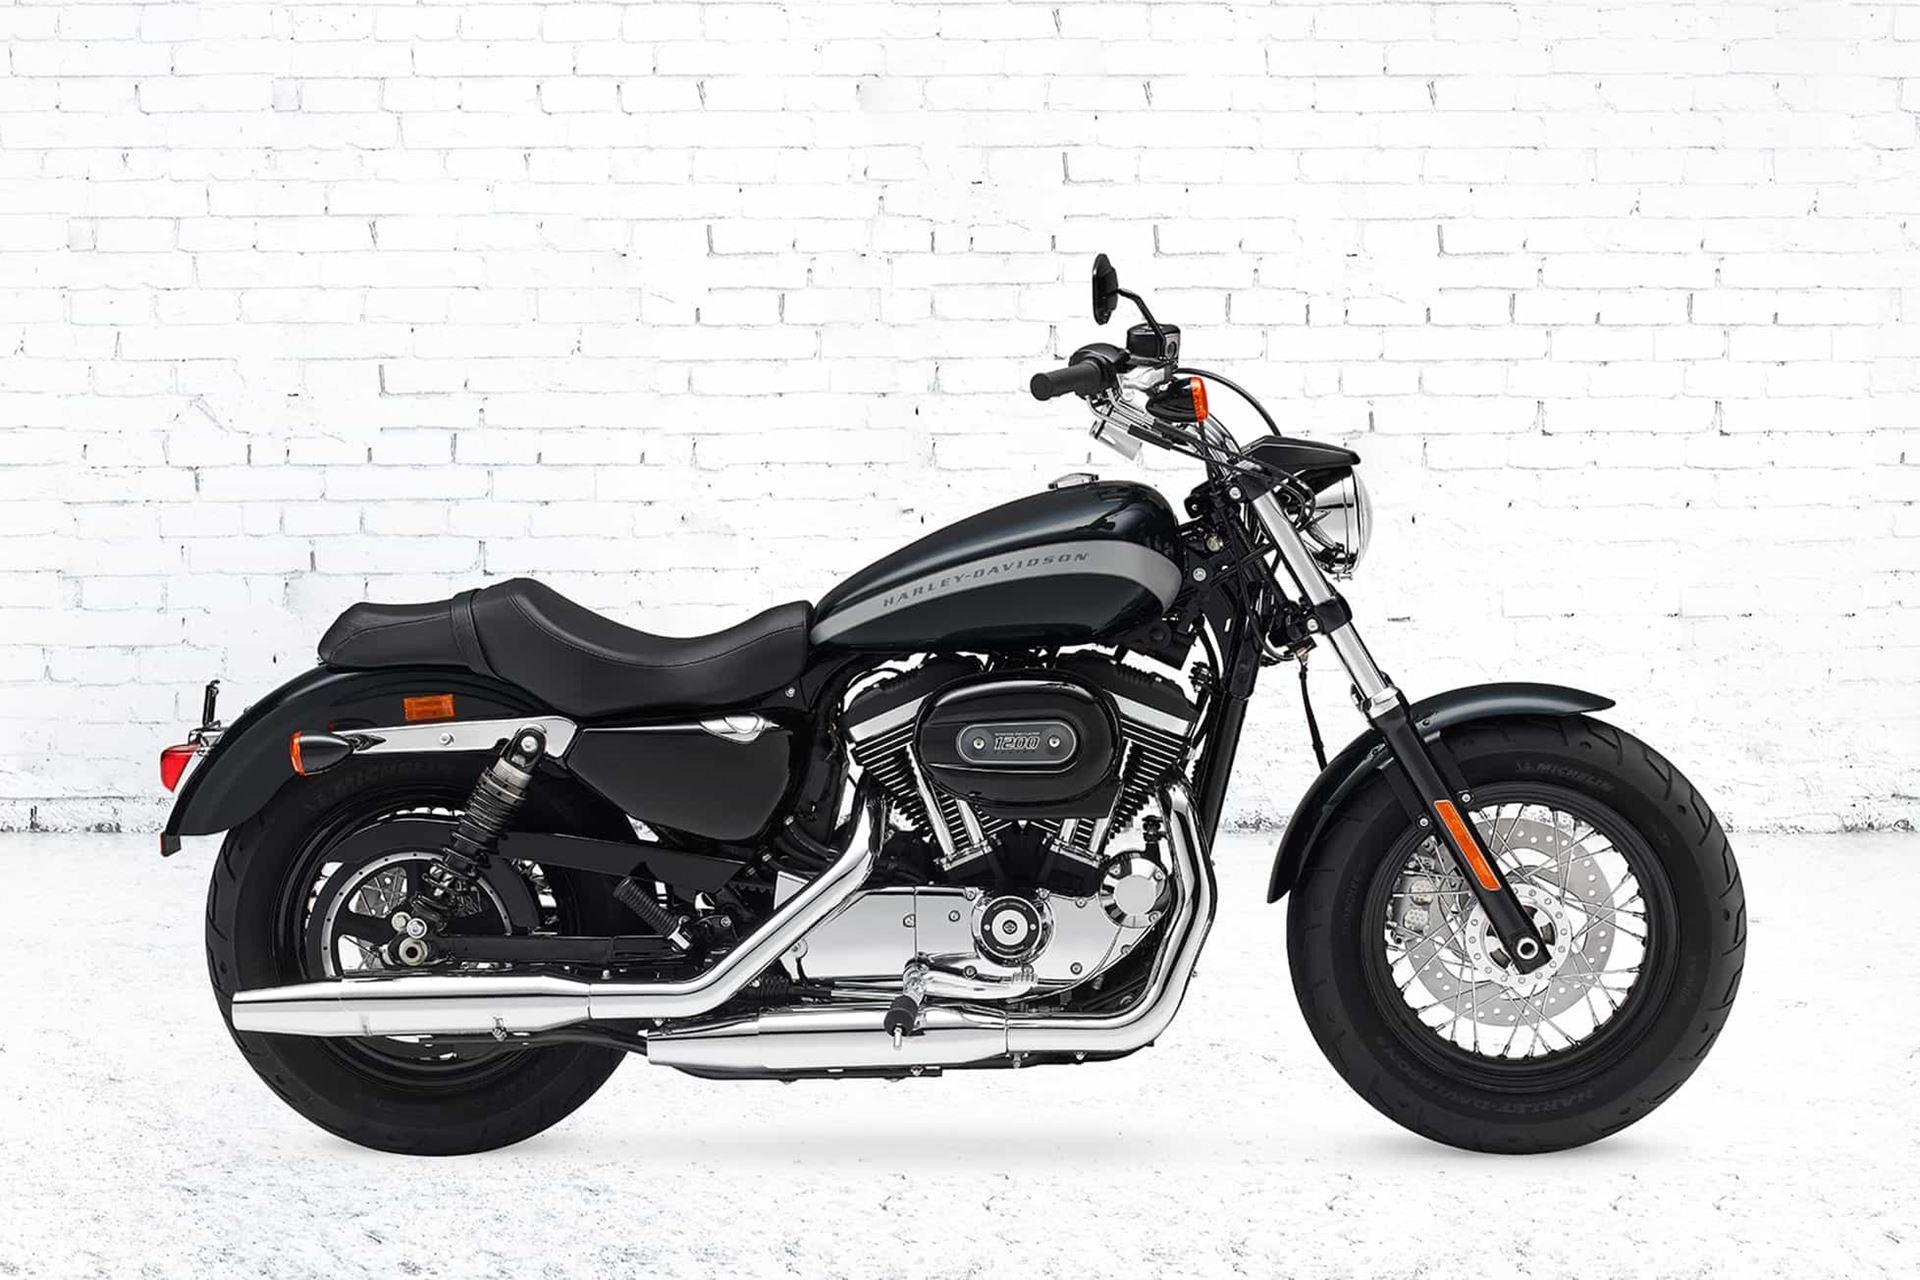 harley davidson 1200 custom moto sportster andar de moto. Black Bedroom Furniture Sets. Home Design Ideas